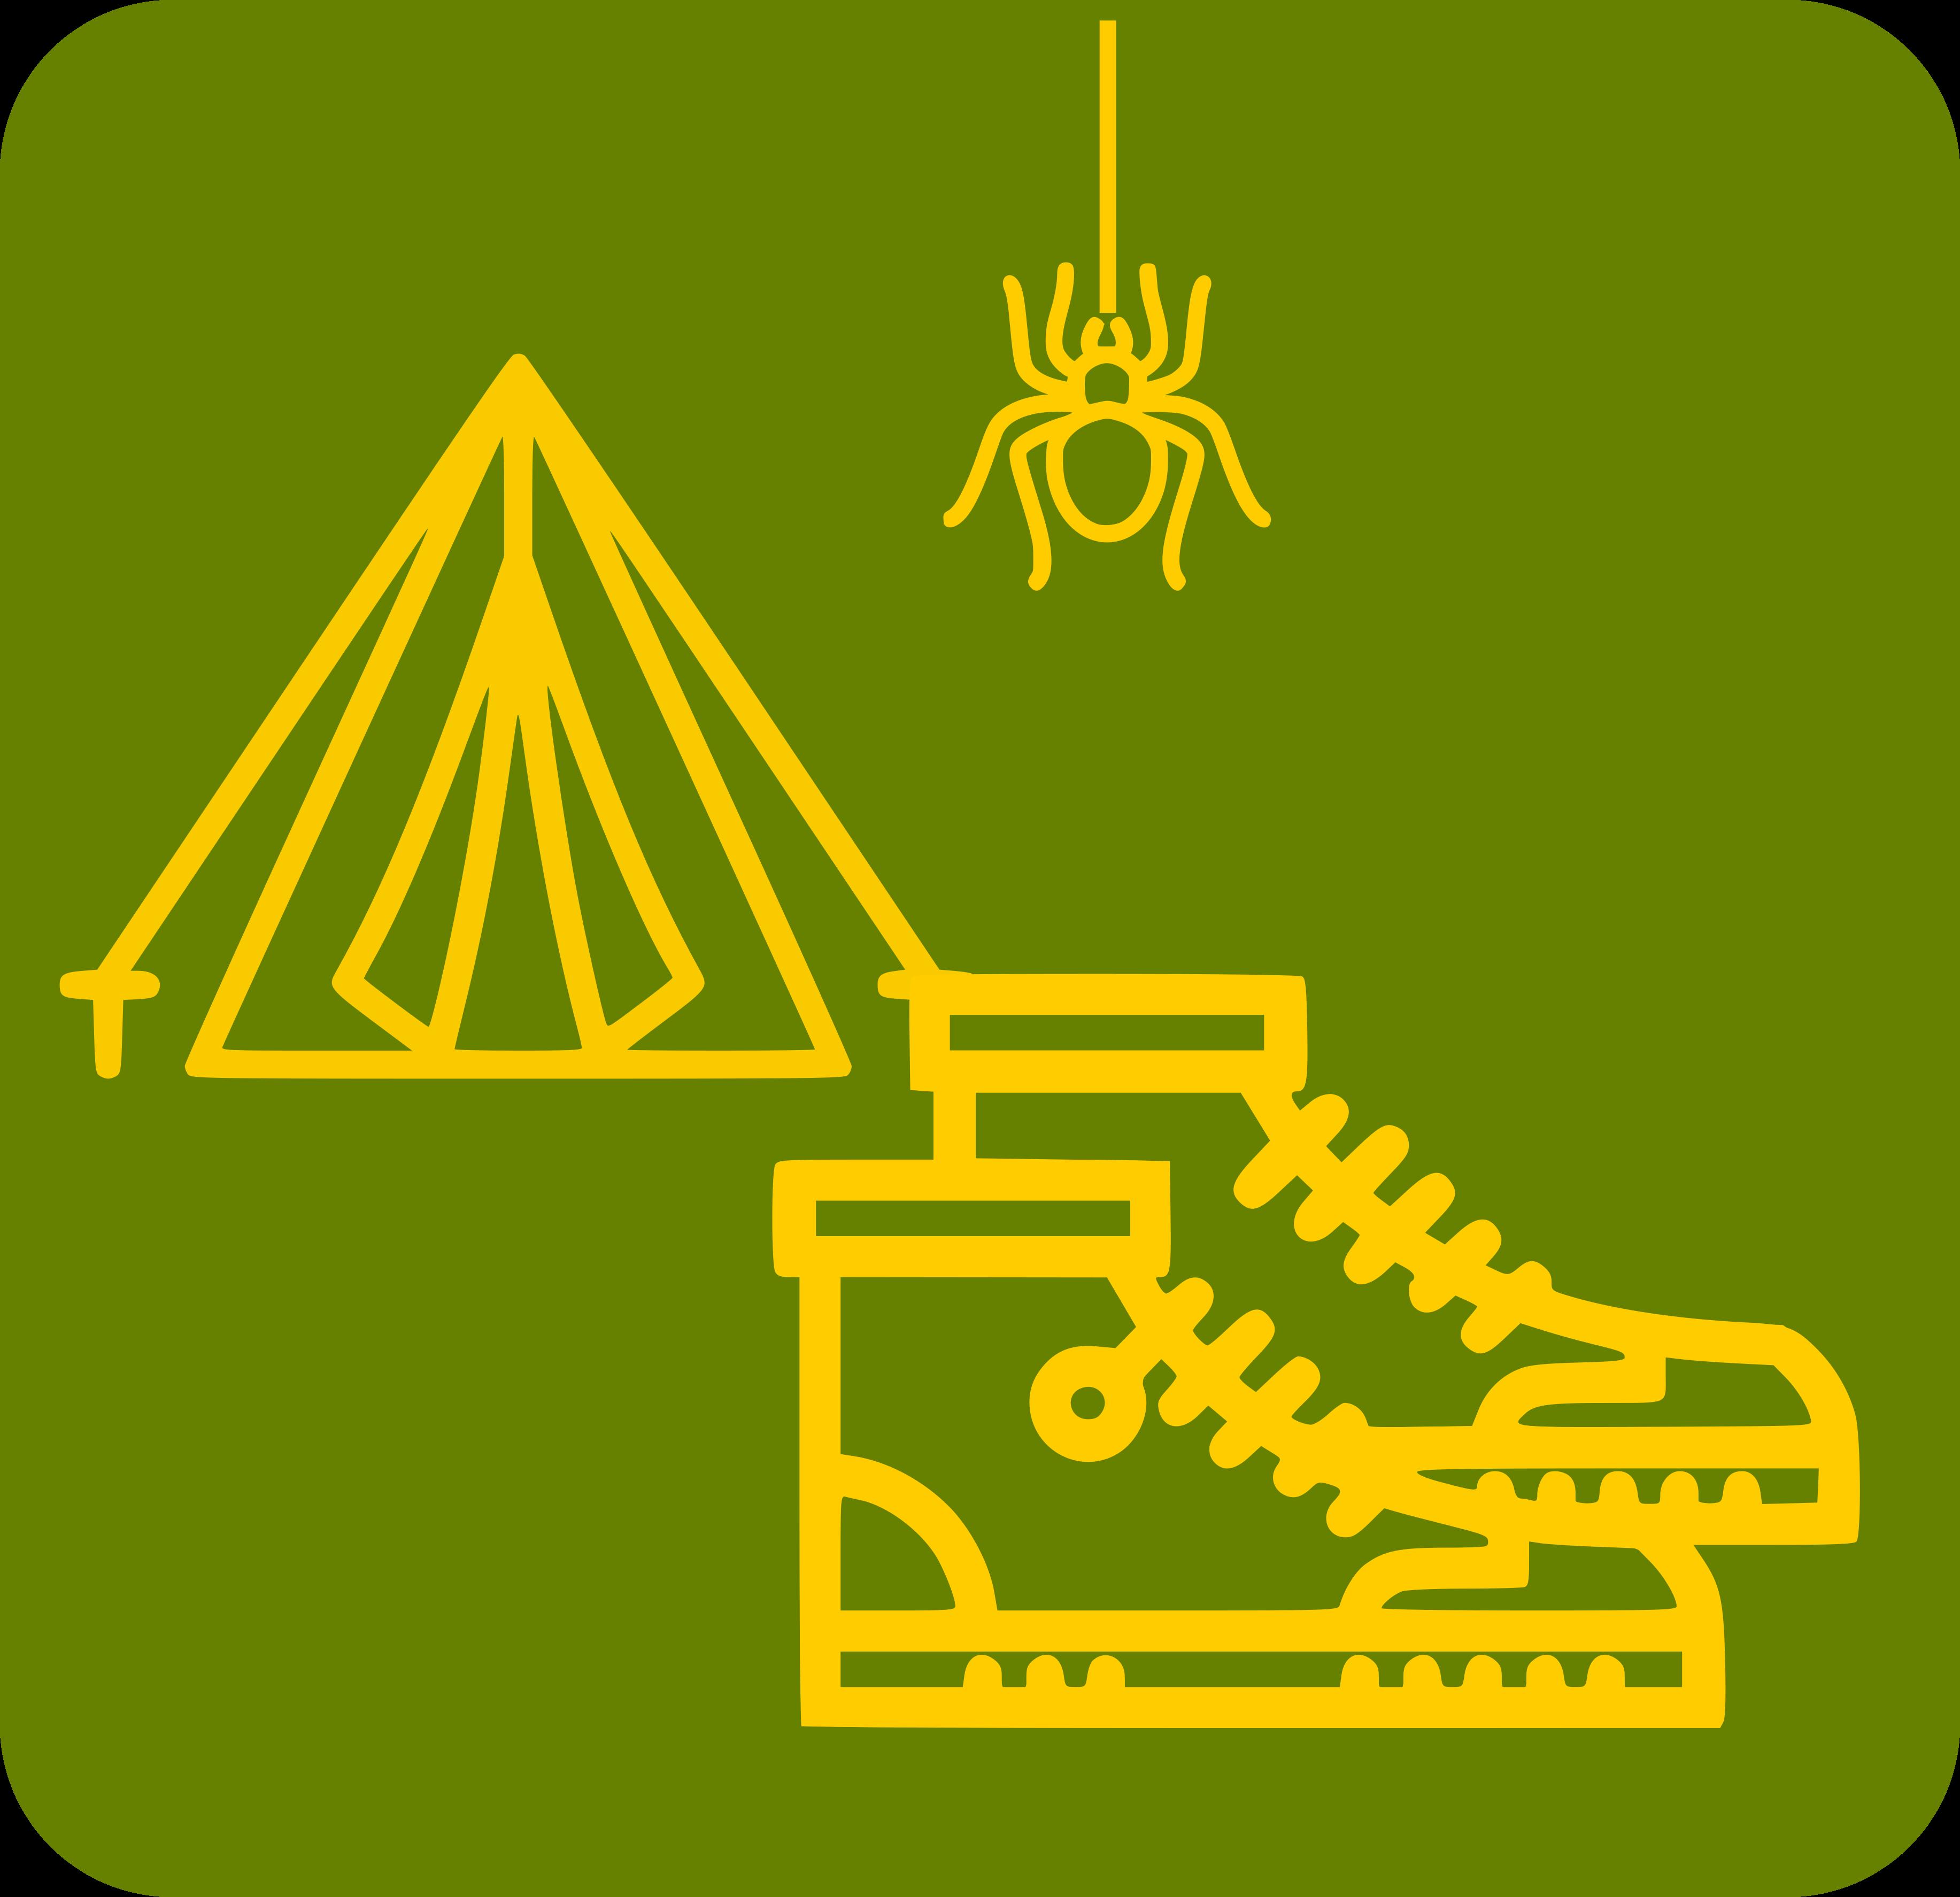 Tenda de campanya amb una aranya